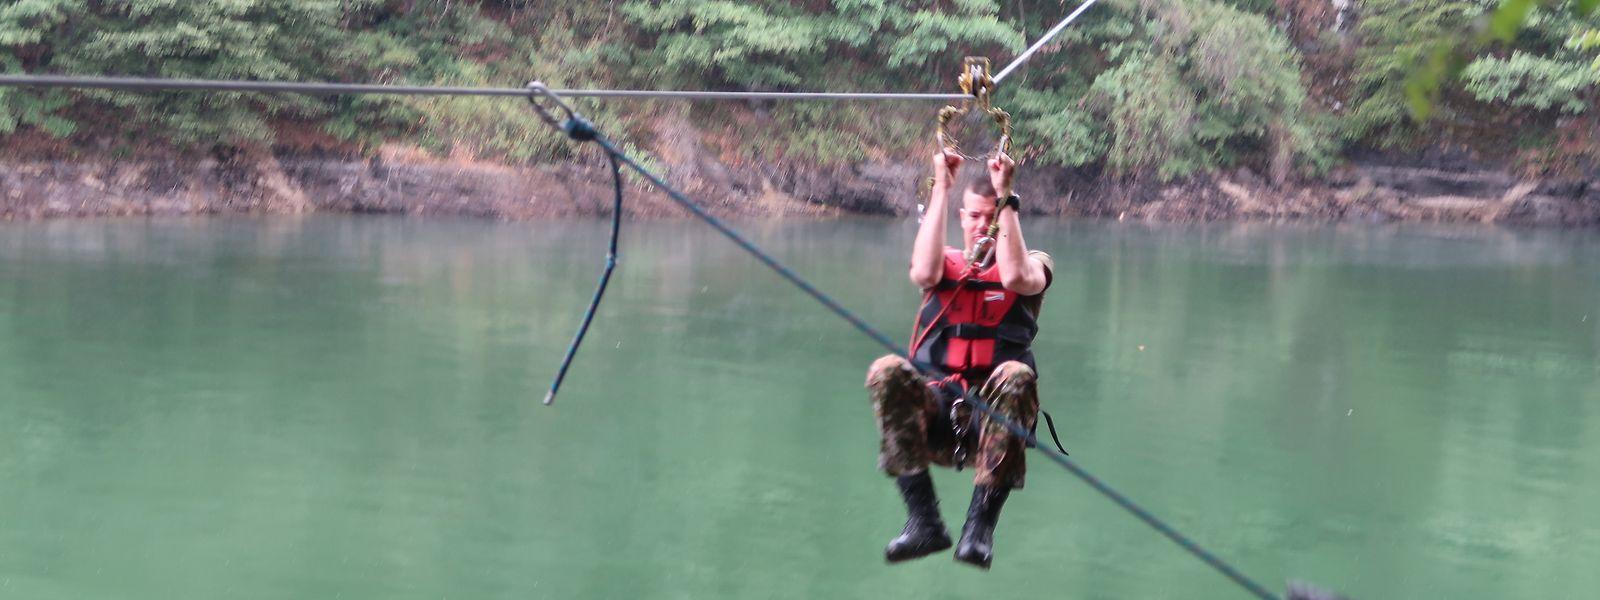 Die Teilnehmer mussten 20 Hindernisse zu Wasser und zu Land überwinden.